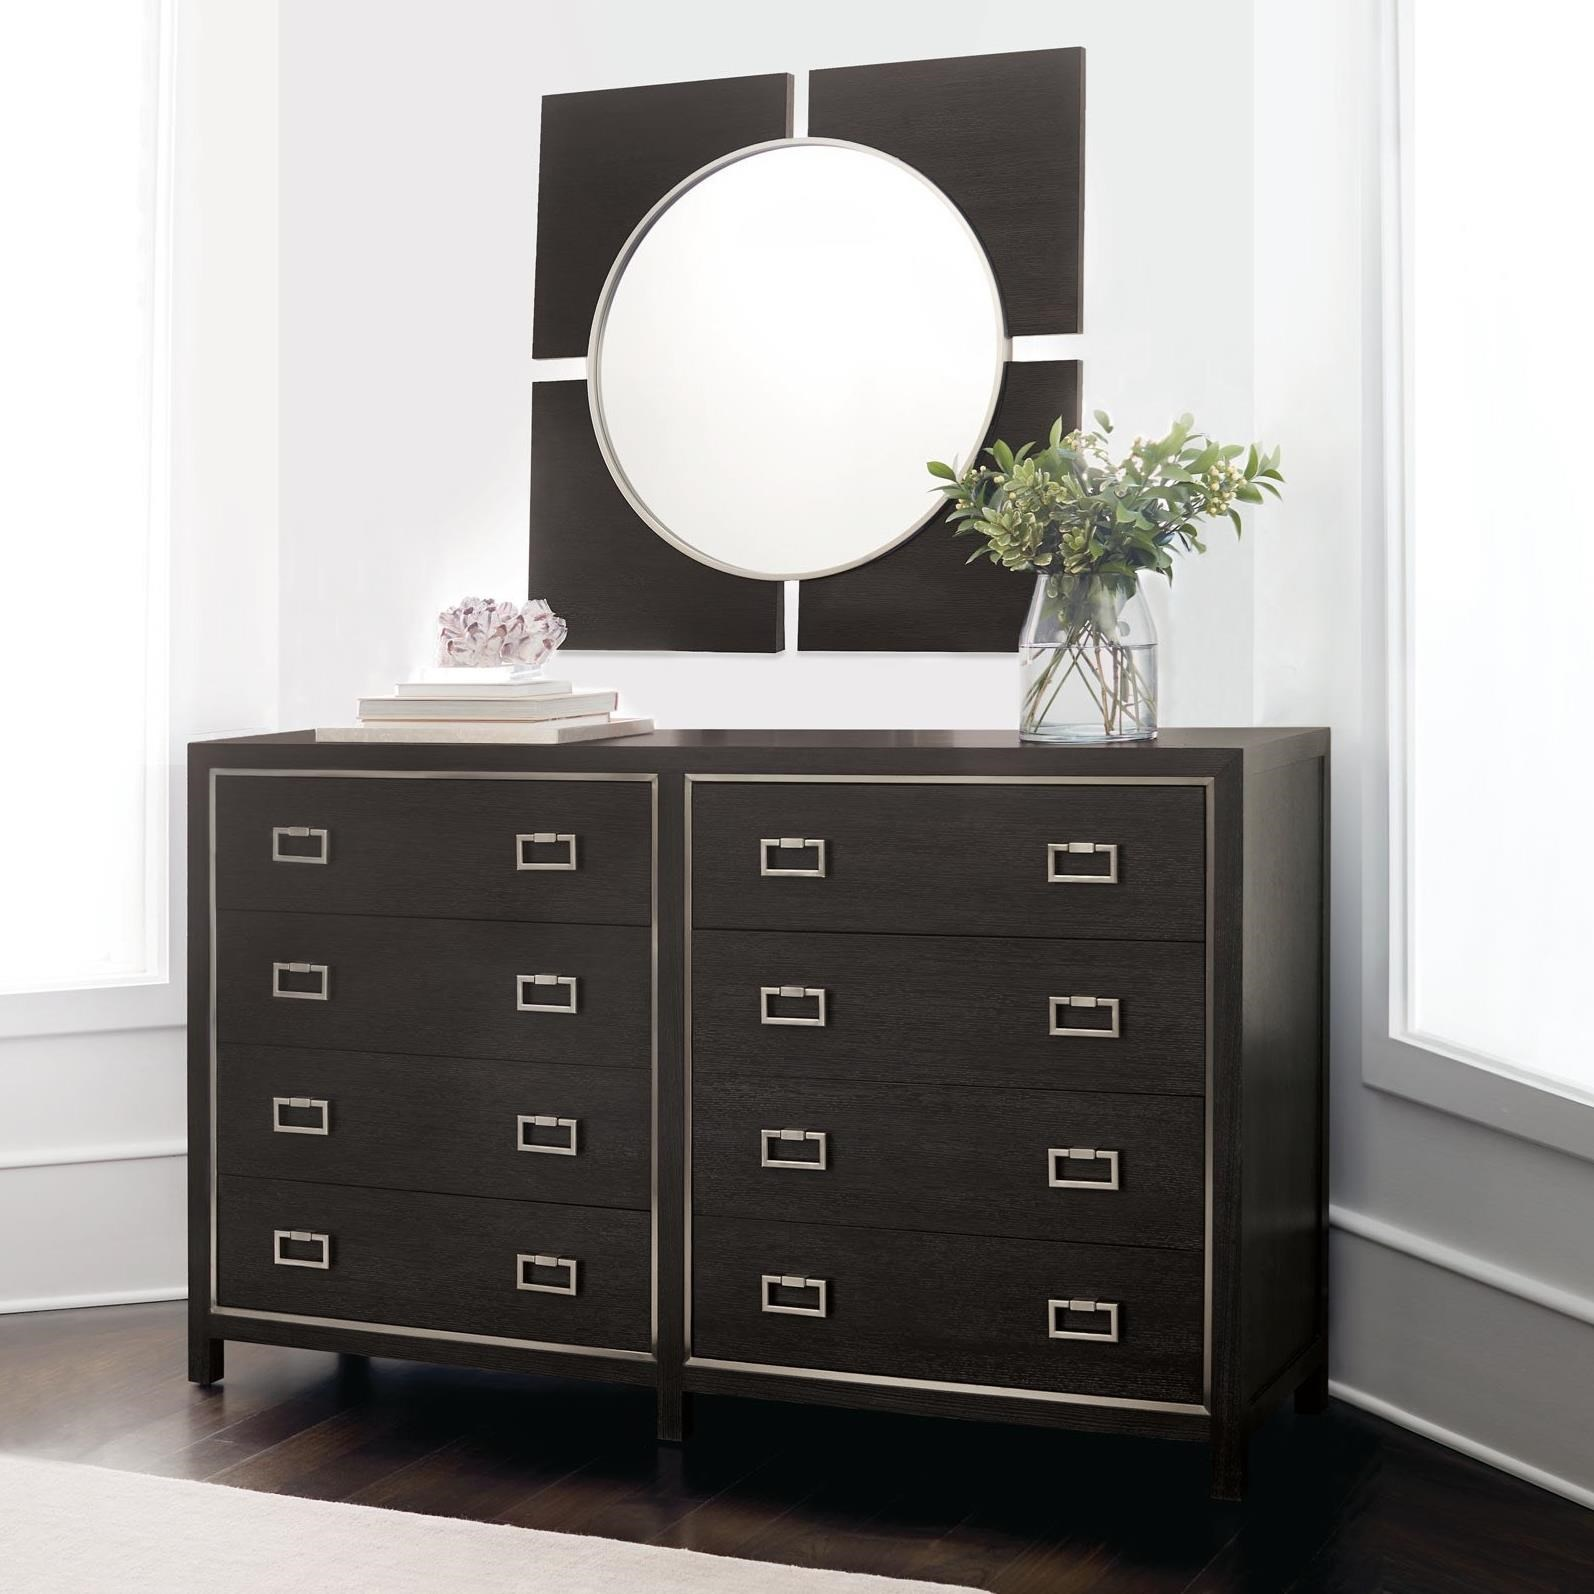 Decorage Dresser and Mirror Set by Bernhardt at Baer's Furniture